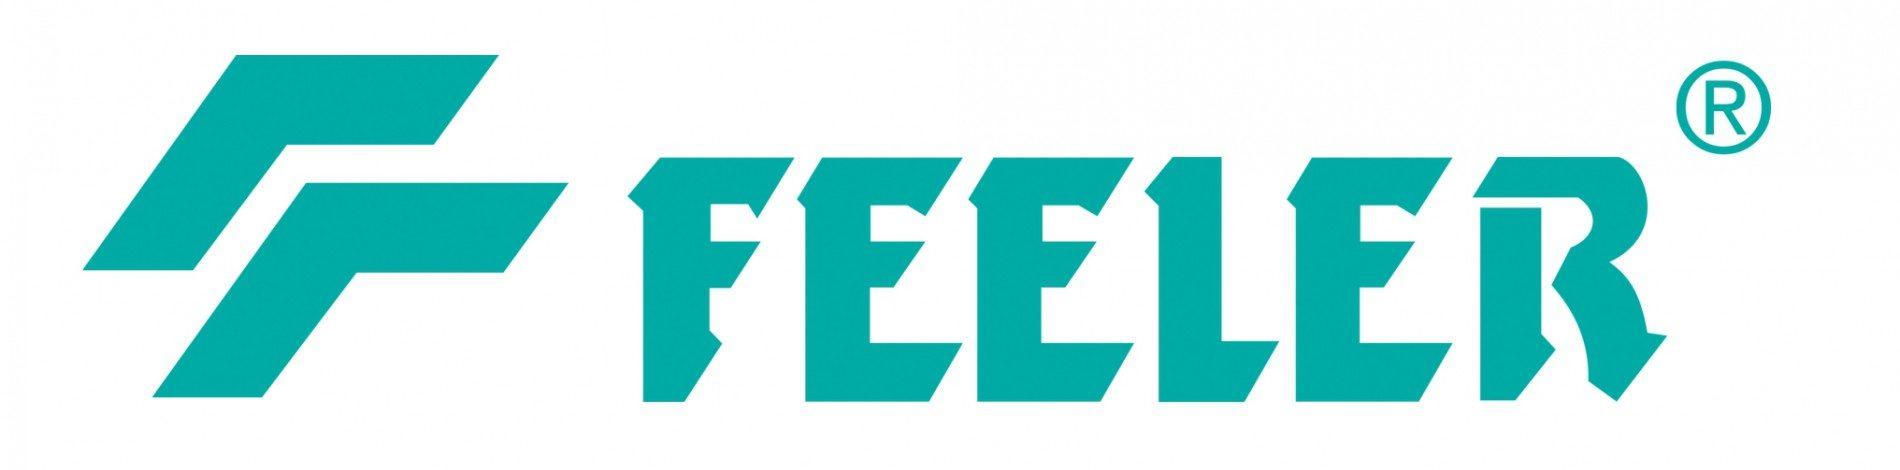 FEELER-1900x1063